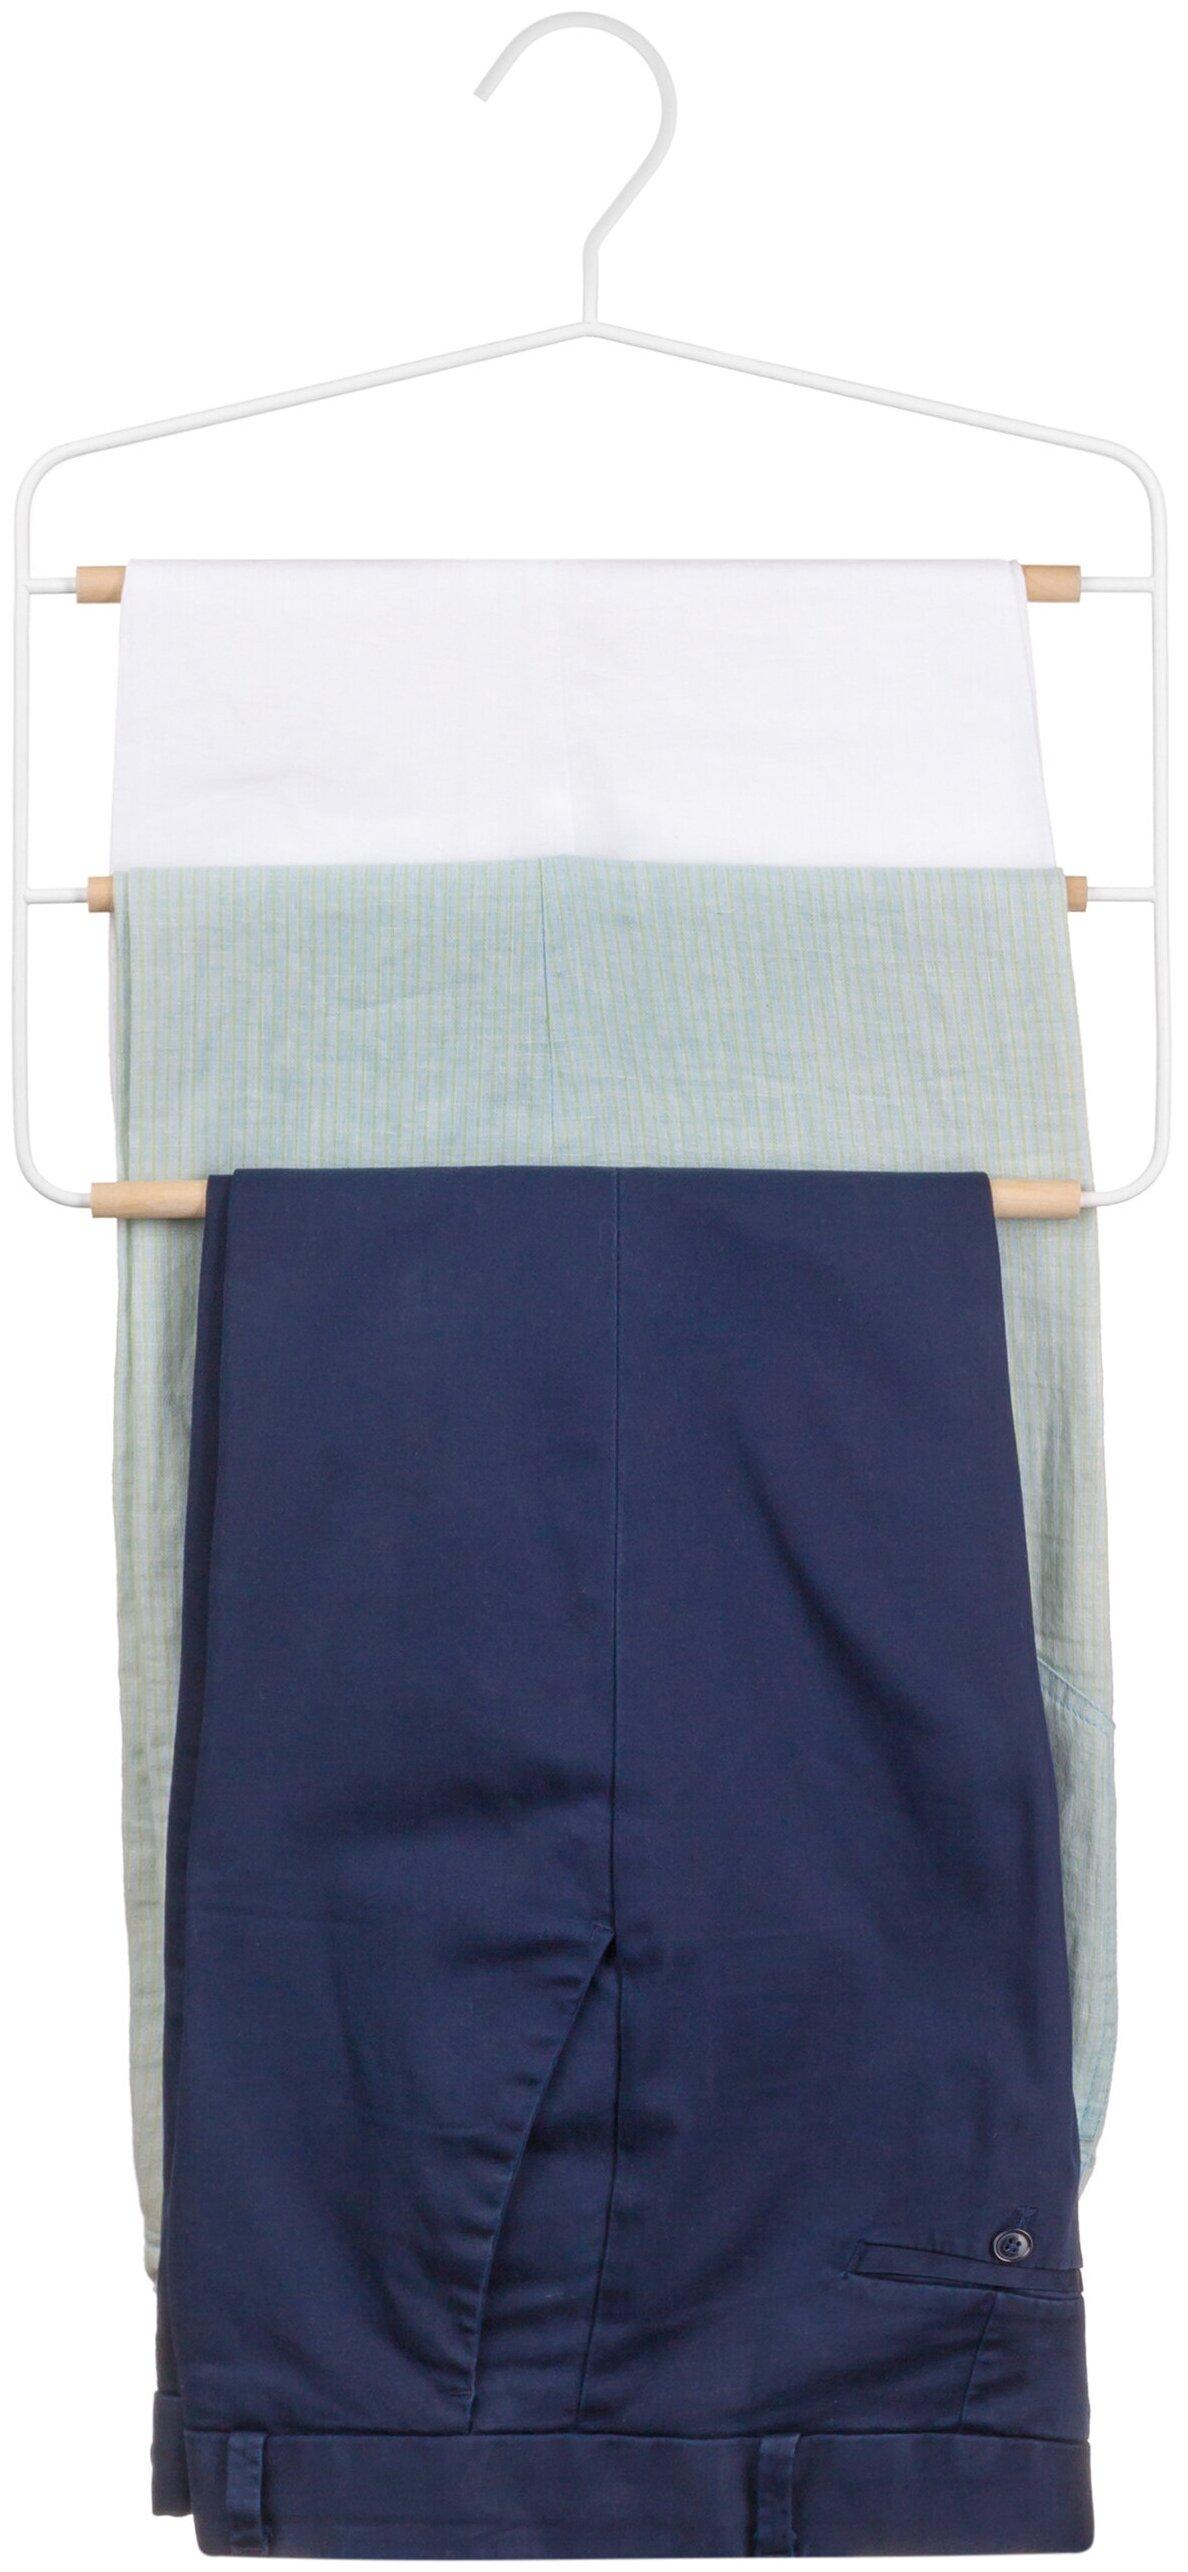 Вешалка для брюк 34,9х1,2х35,3 см EL Casa Белая с 3 деревянными перекладинами — купить по выгодной цене на Яндекс.Маркете